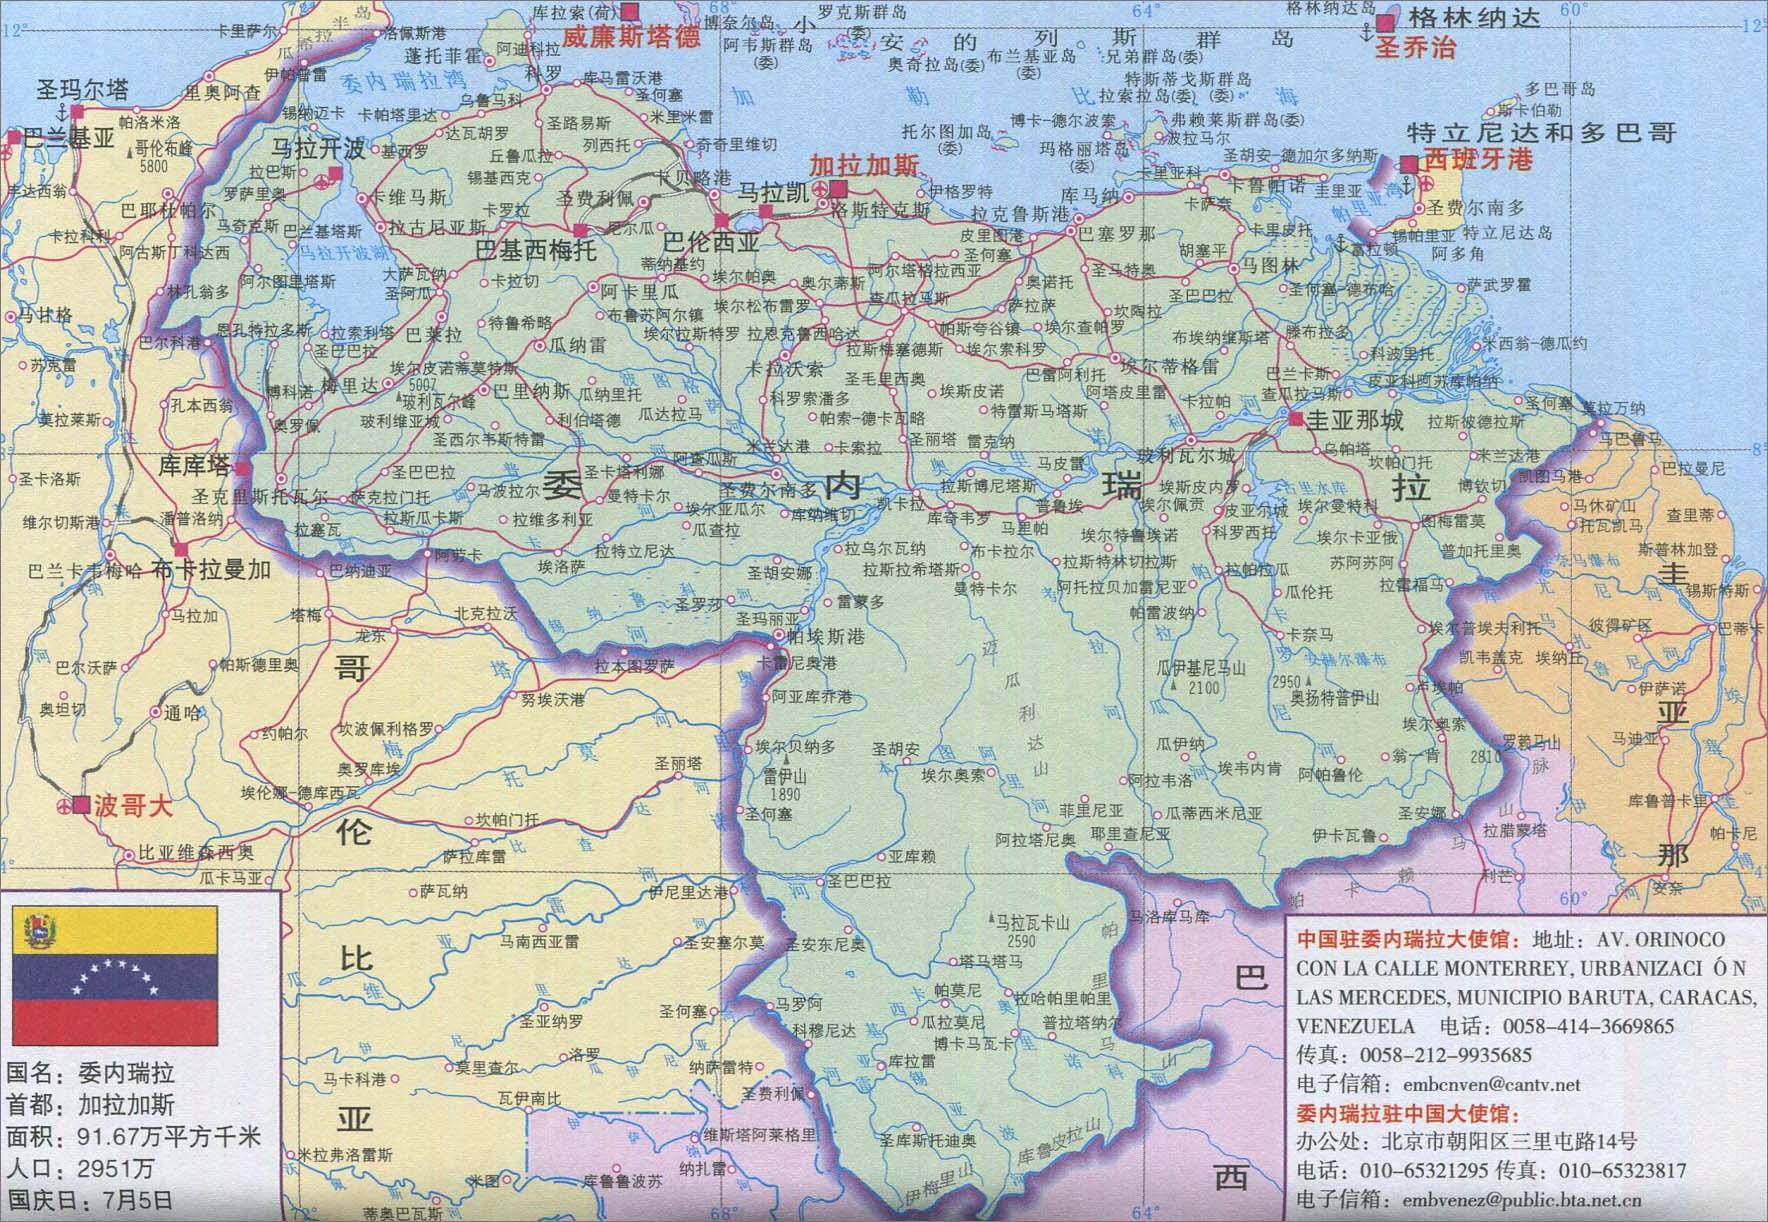 委内瑞拉旅游地图_委内瑞拉地图库